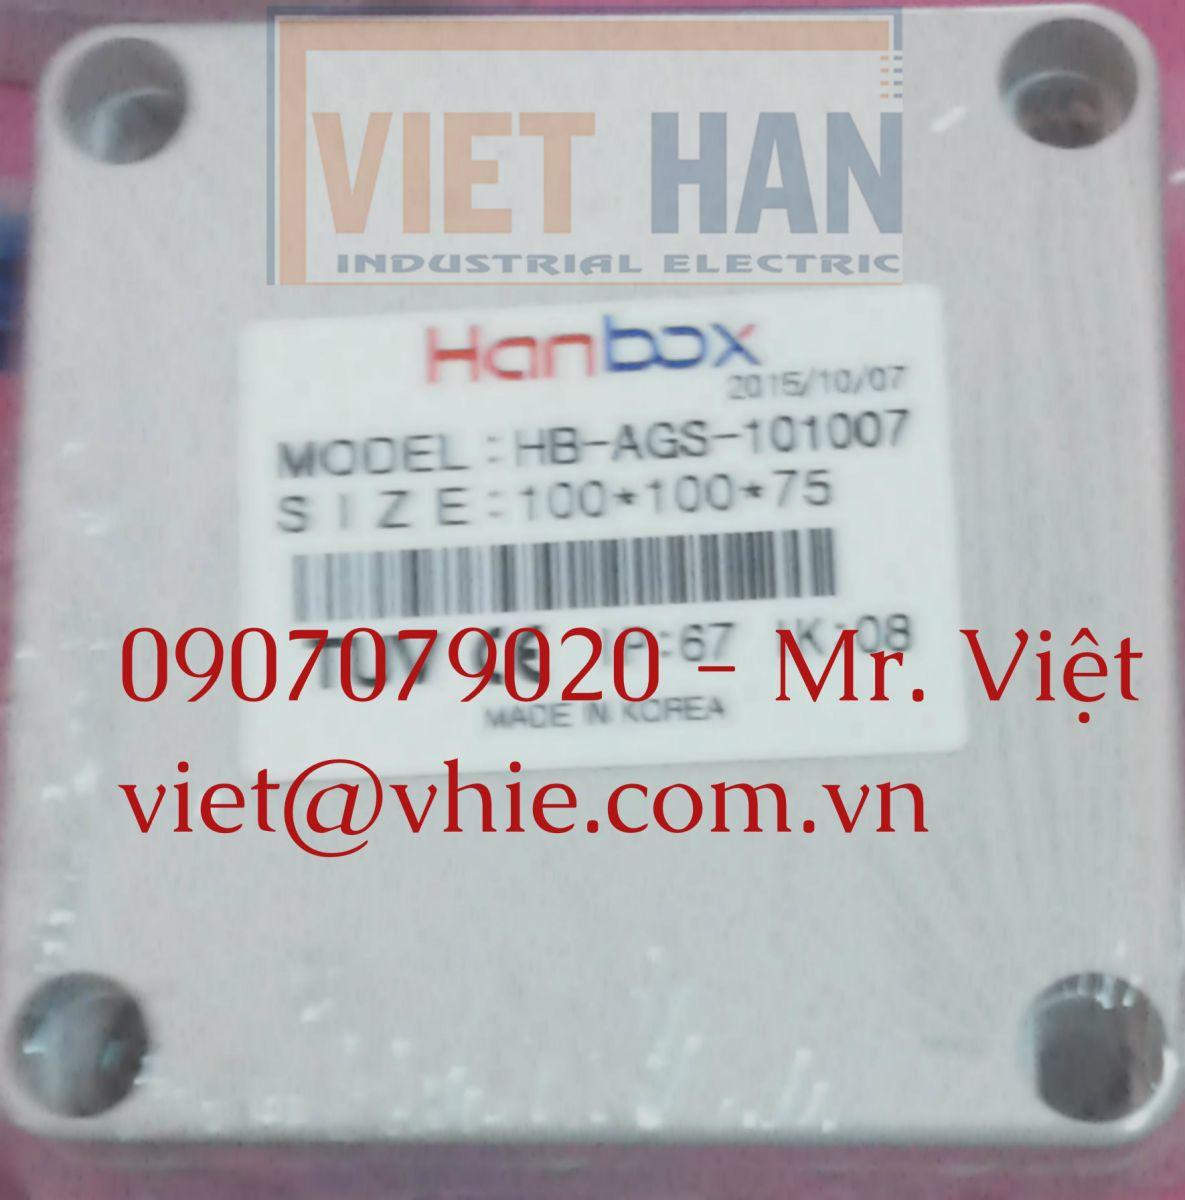 Hộp nhựa chống thấm IP67